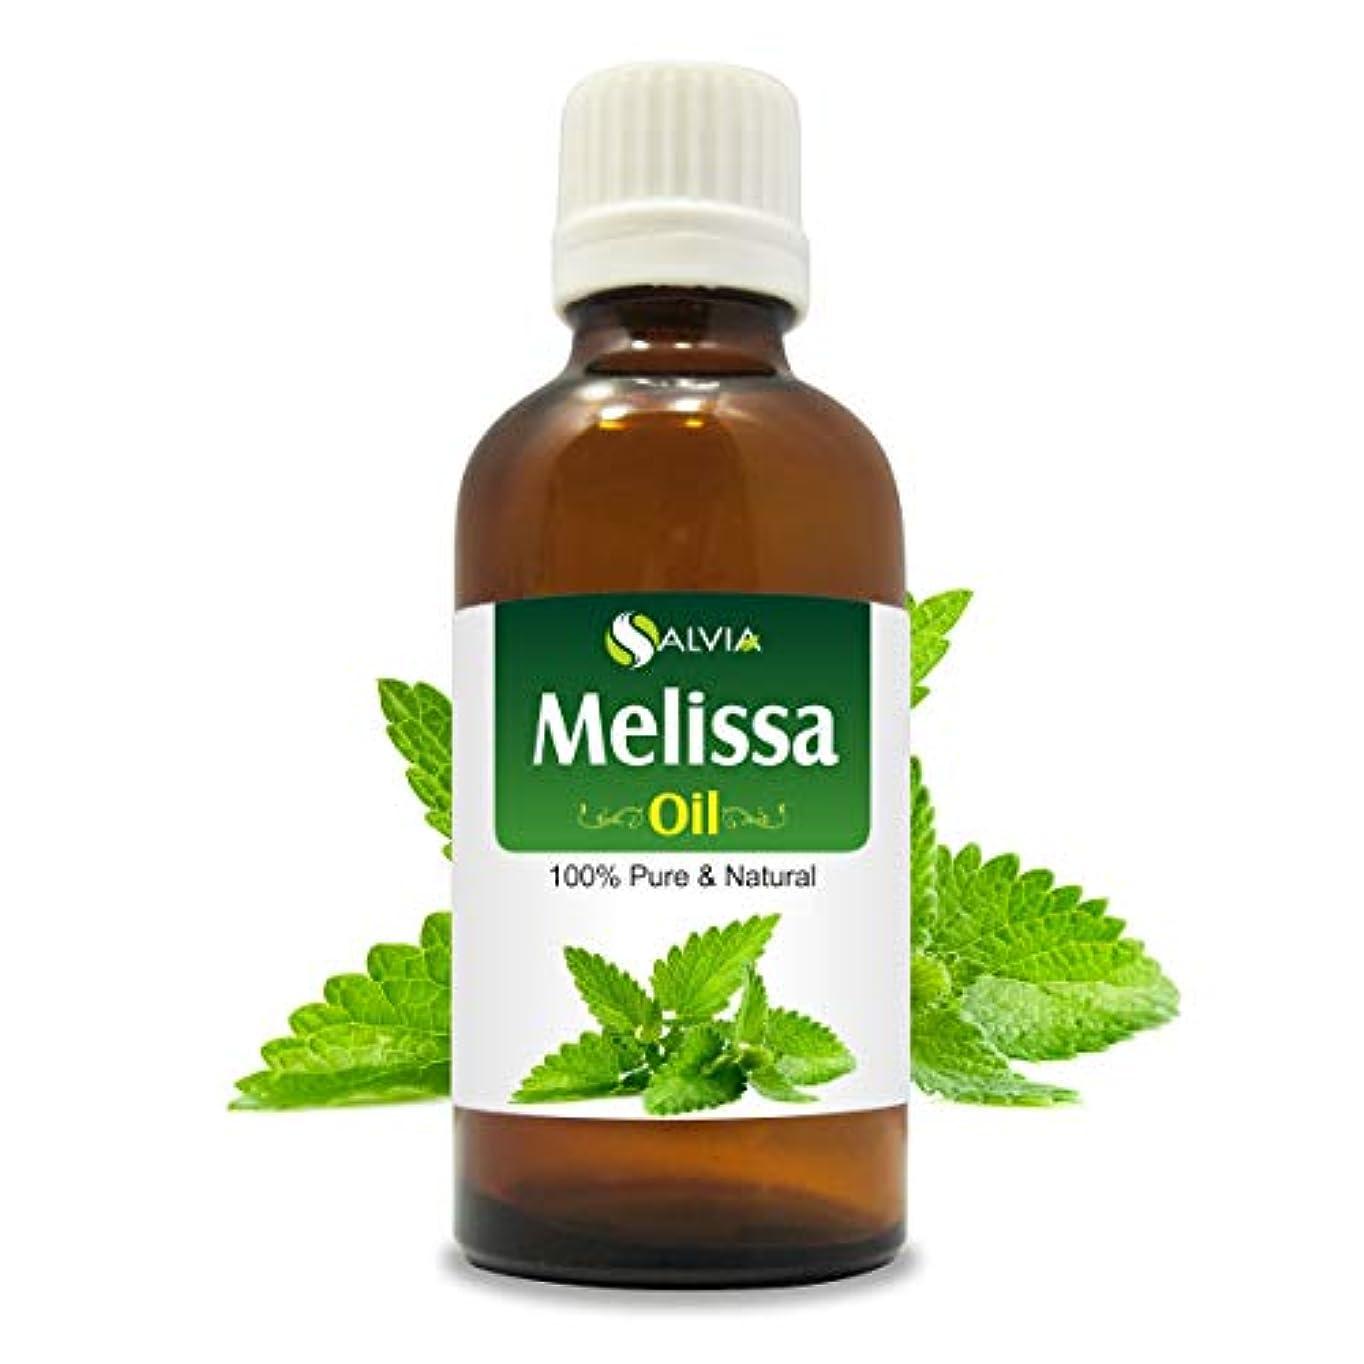 眼カブ密輸Melissa (Melissa Officinalis) 100% Natural Pure Essential Oil 10ml